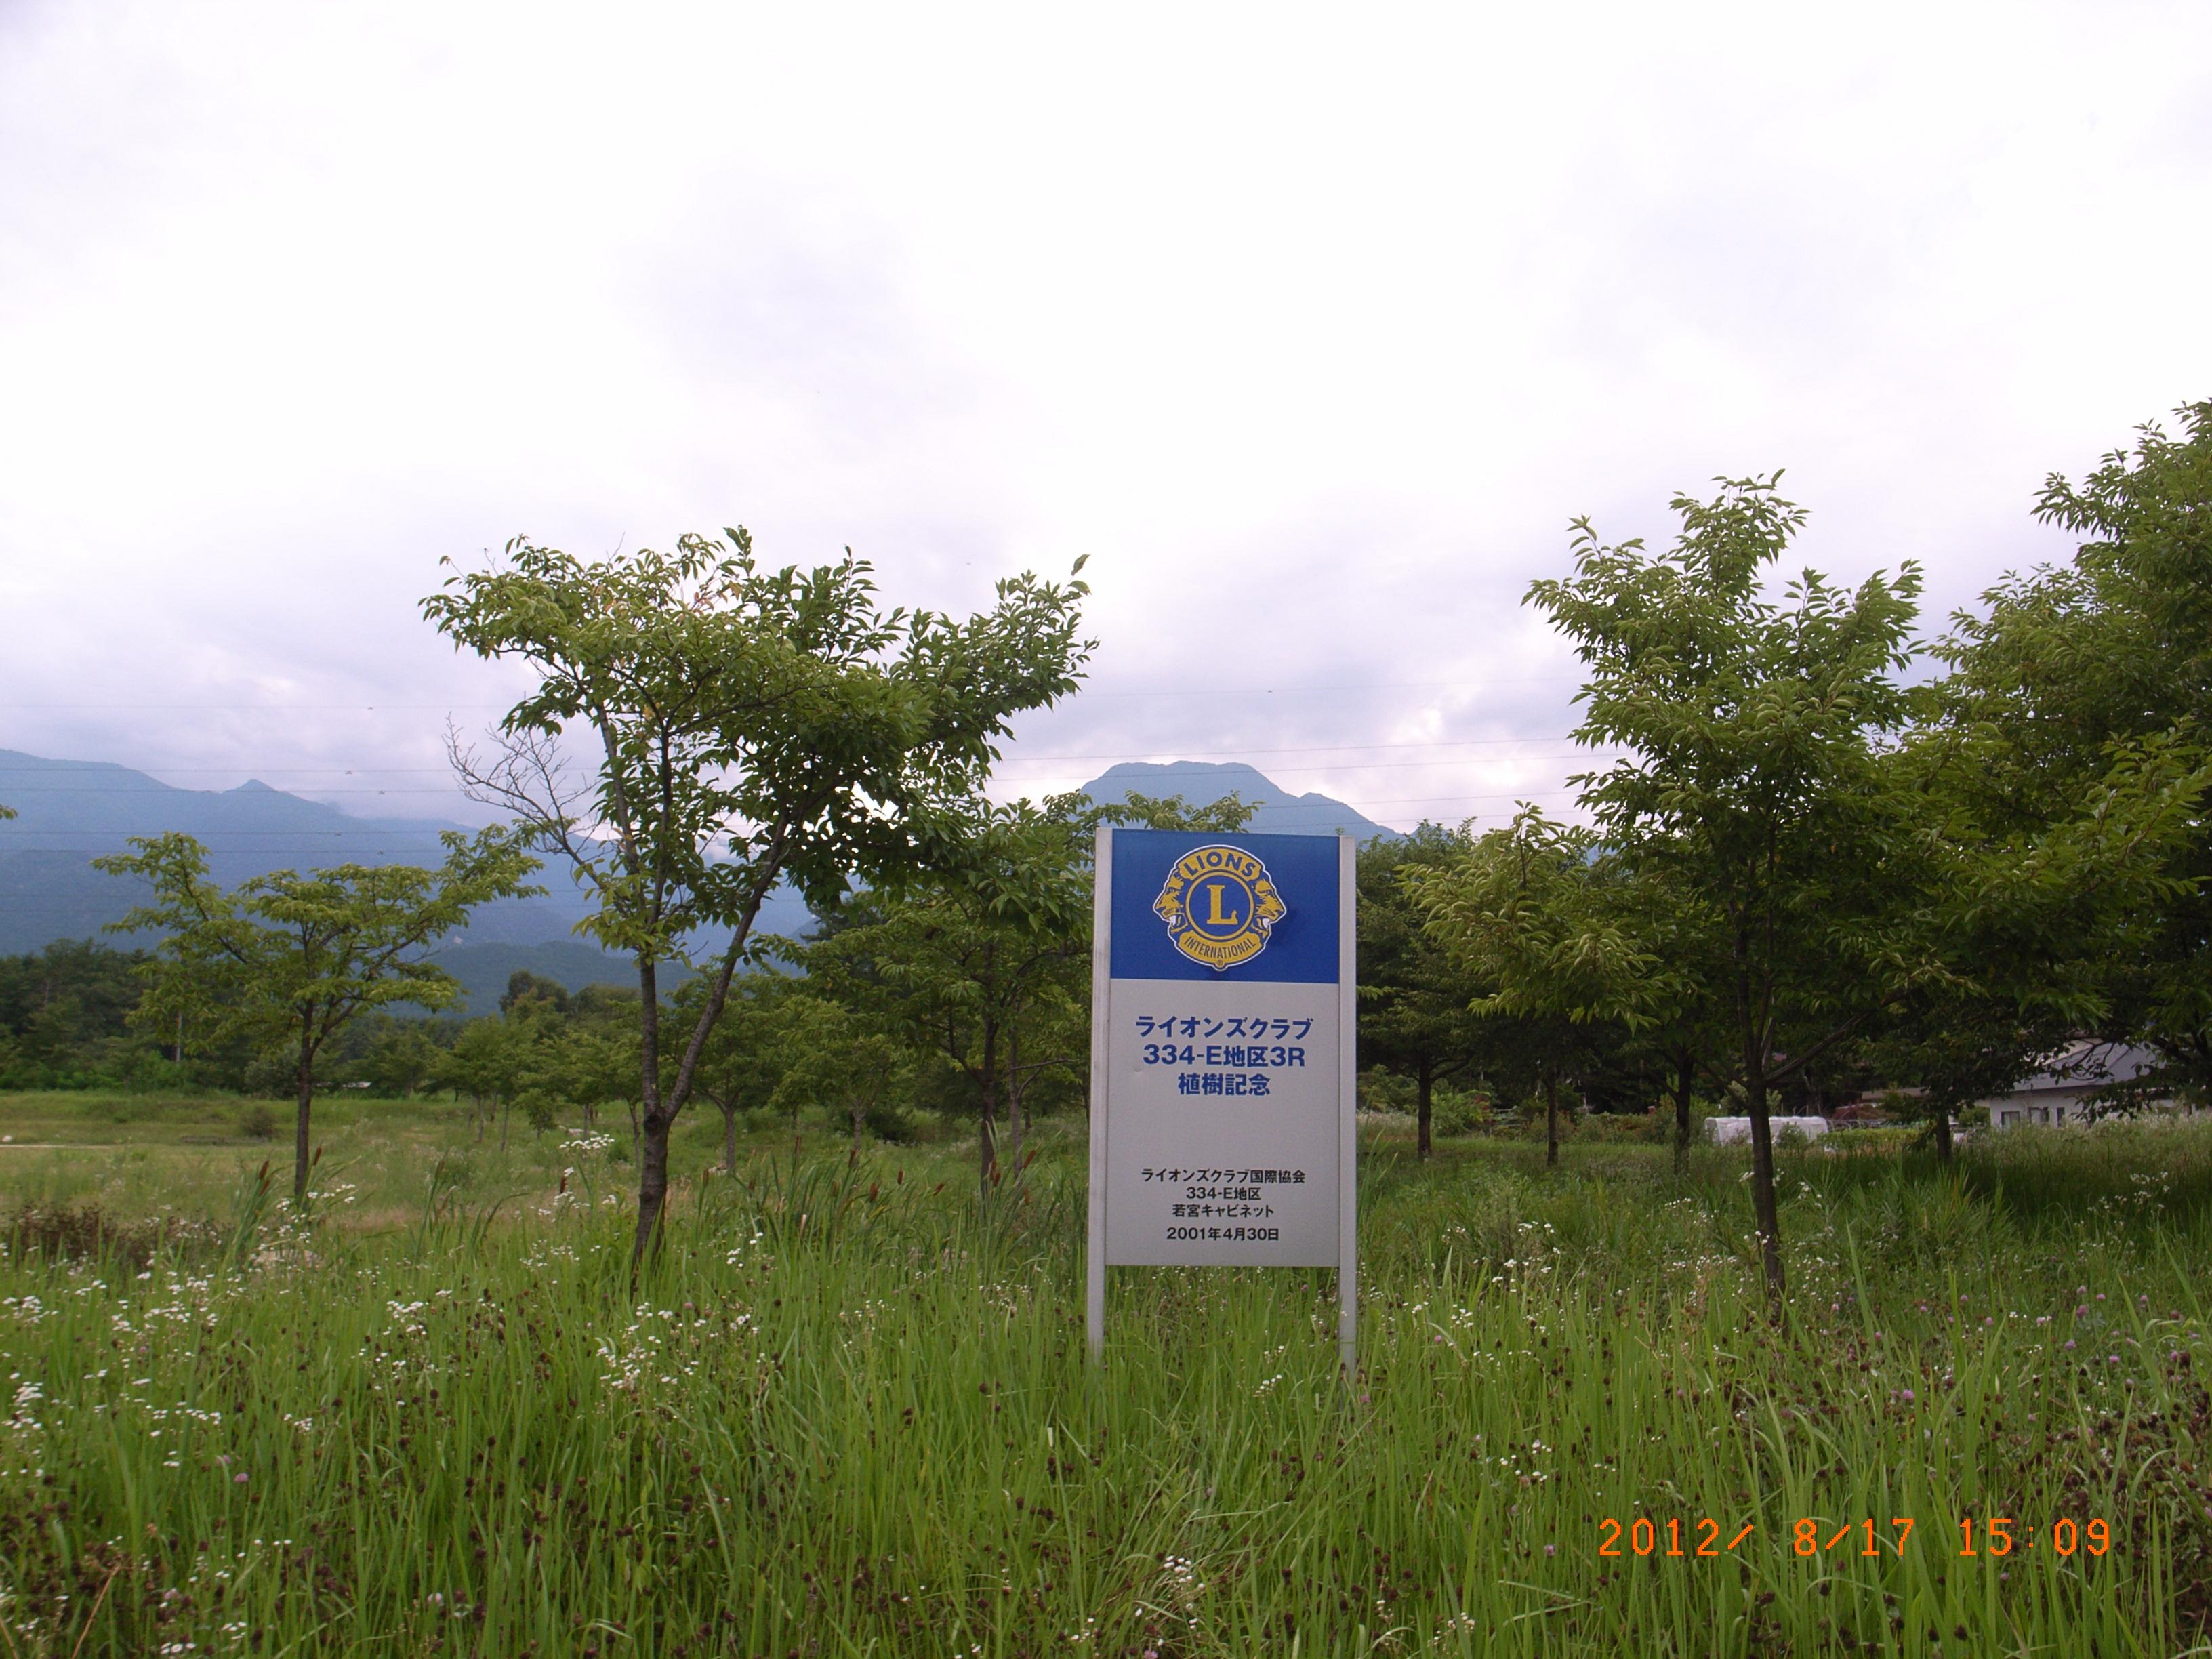 地区聴覚障害者福祉・環境保全委員会「環境保全実態調査報告」